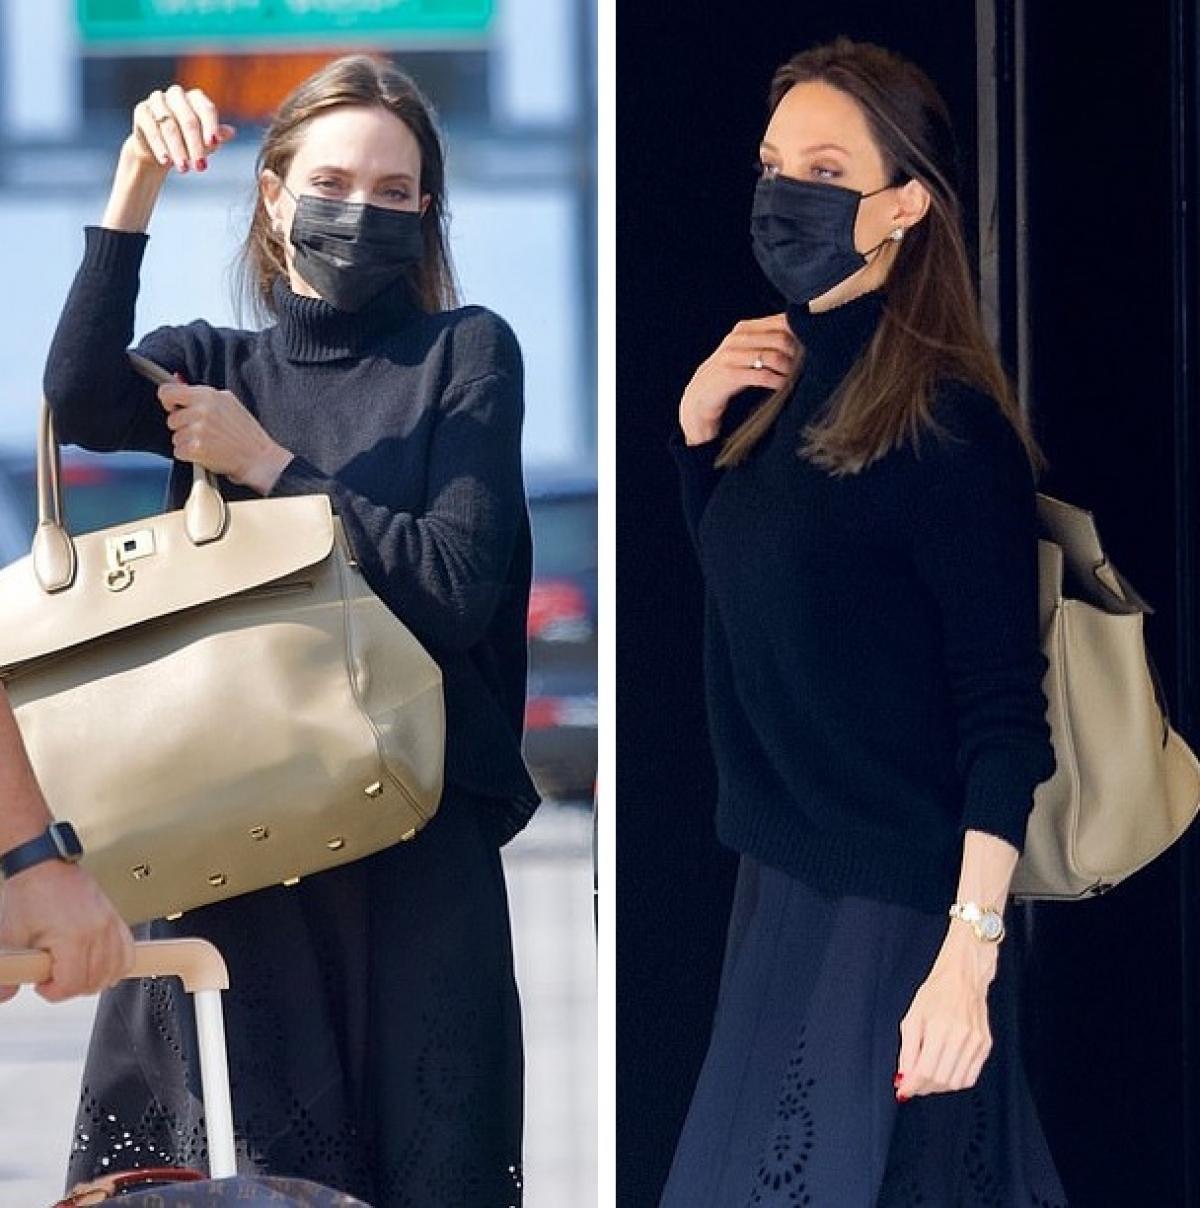 Sau khi ly hôn Brad Pitt, Angelina Jolie đang tận hưởng cuộc sống của một bà mẹ đơn thân quyến rũ.